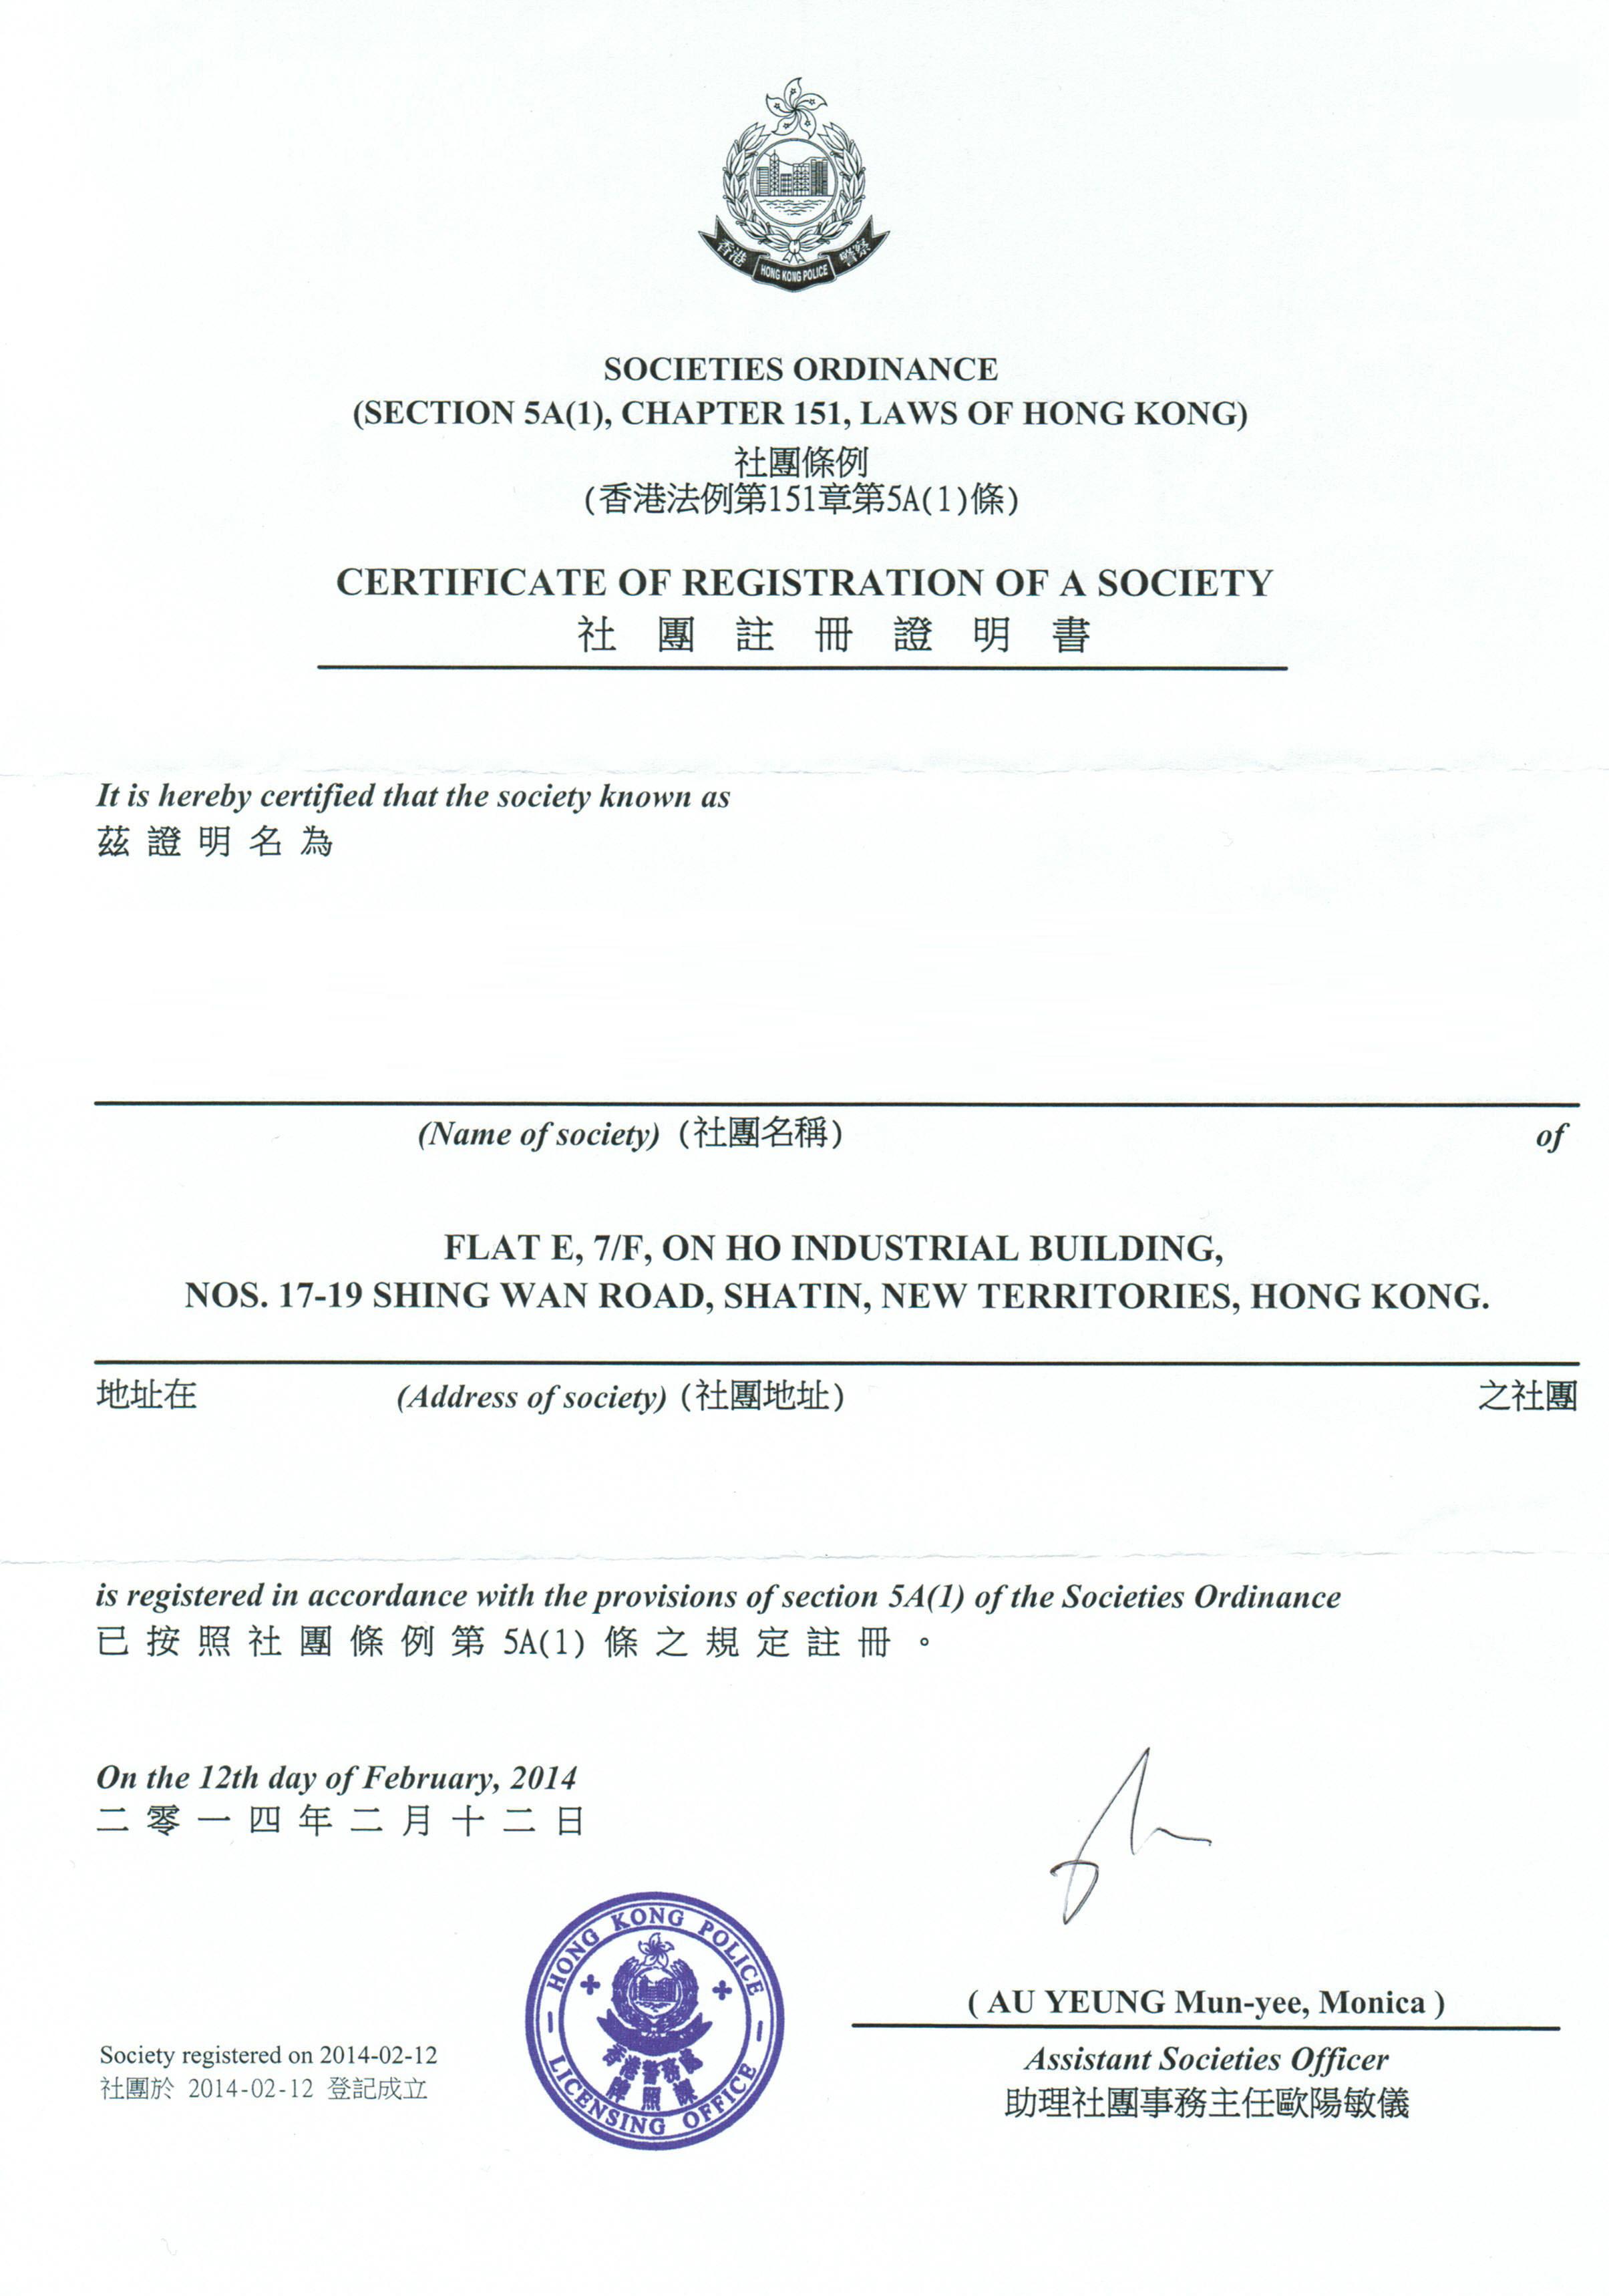 社团注册牌照